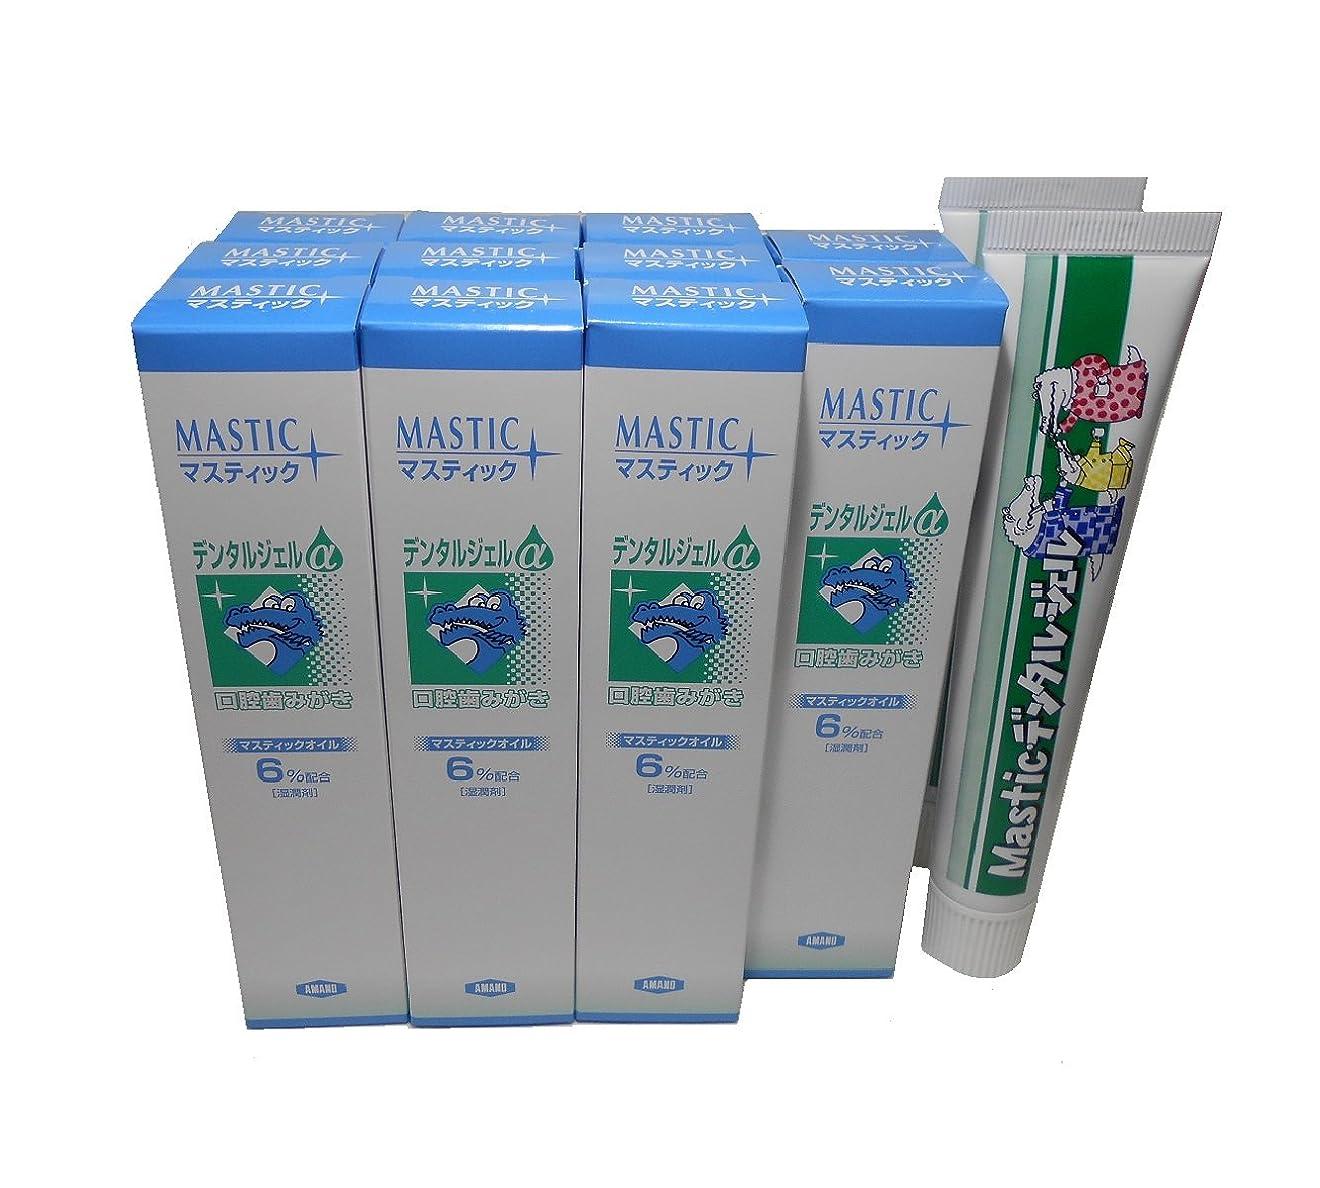 祝福進行中落胆したMASTIC マスティックデンタルジェルα45g(6%配合)11個+MASTIC デンタルエッセンスジェルMSローヤルⅡ増量50g(10%配合)2個セット